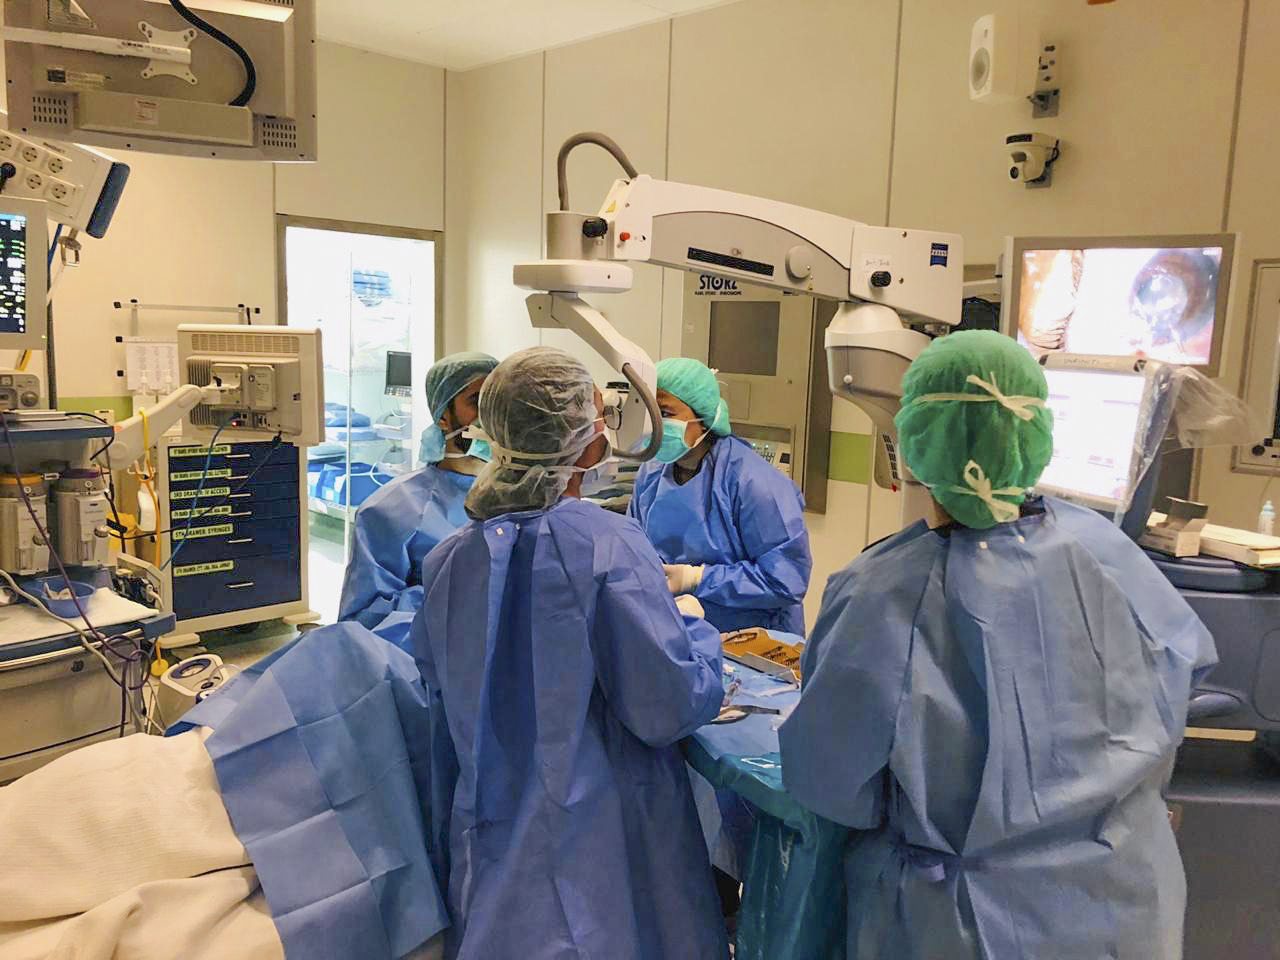 مركزي بريدة يجري 5914 عملية جراحية في النصف الأول من2019م